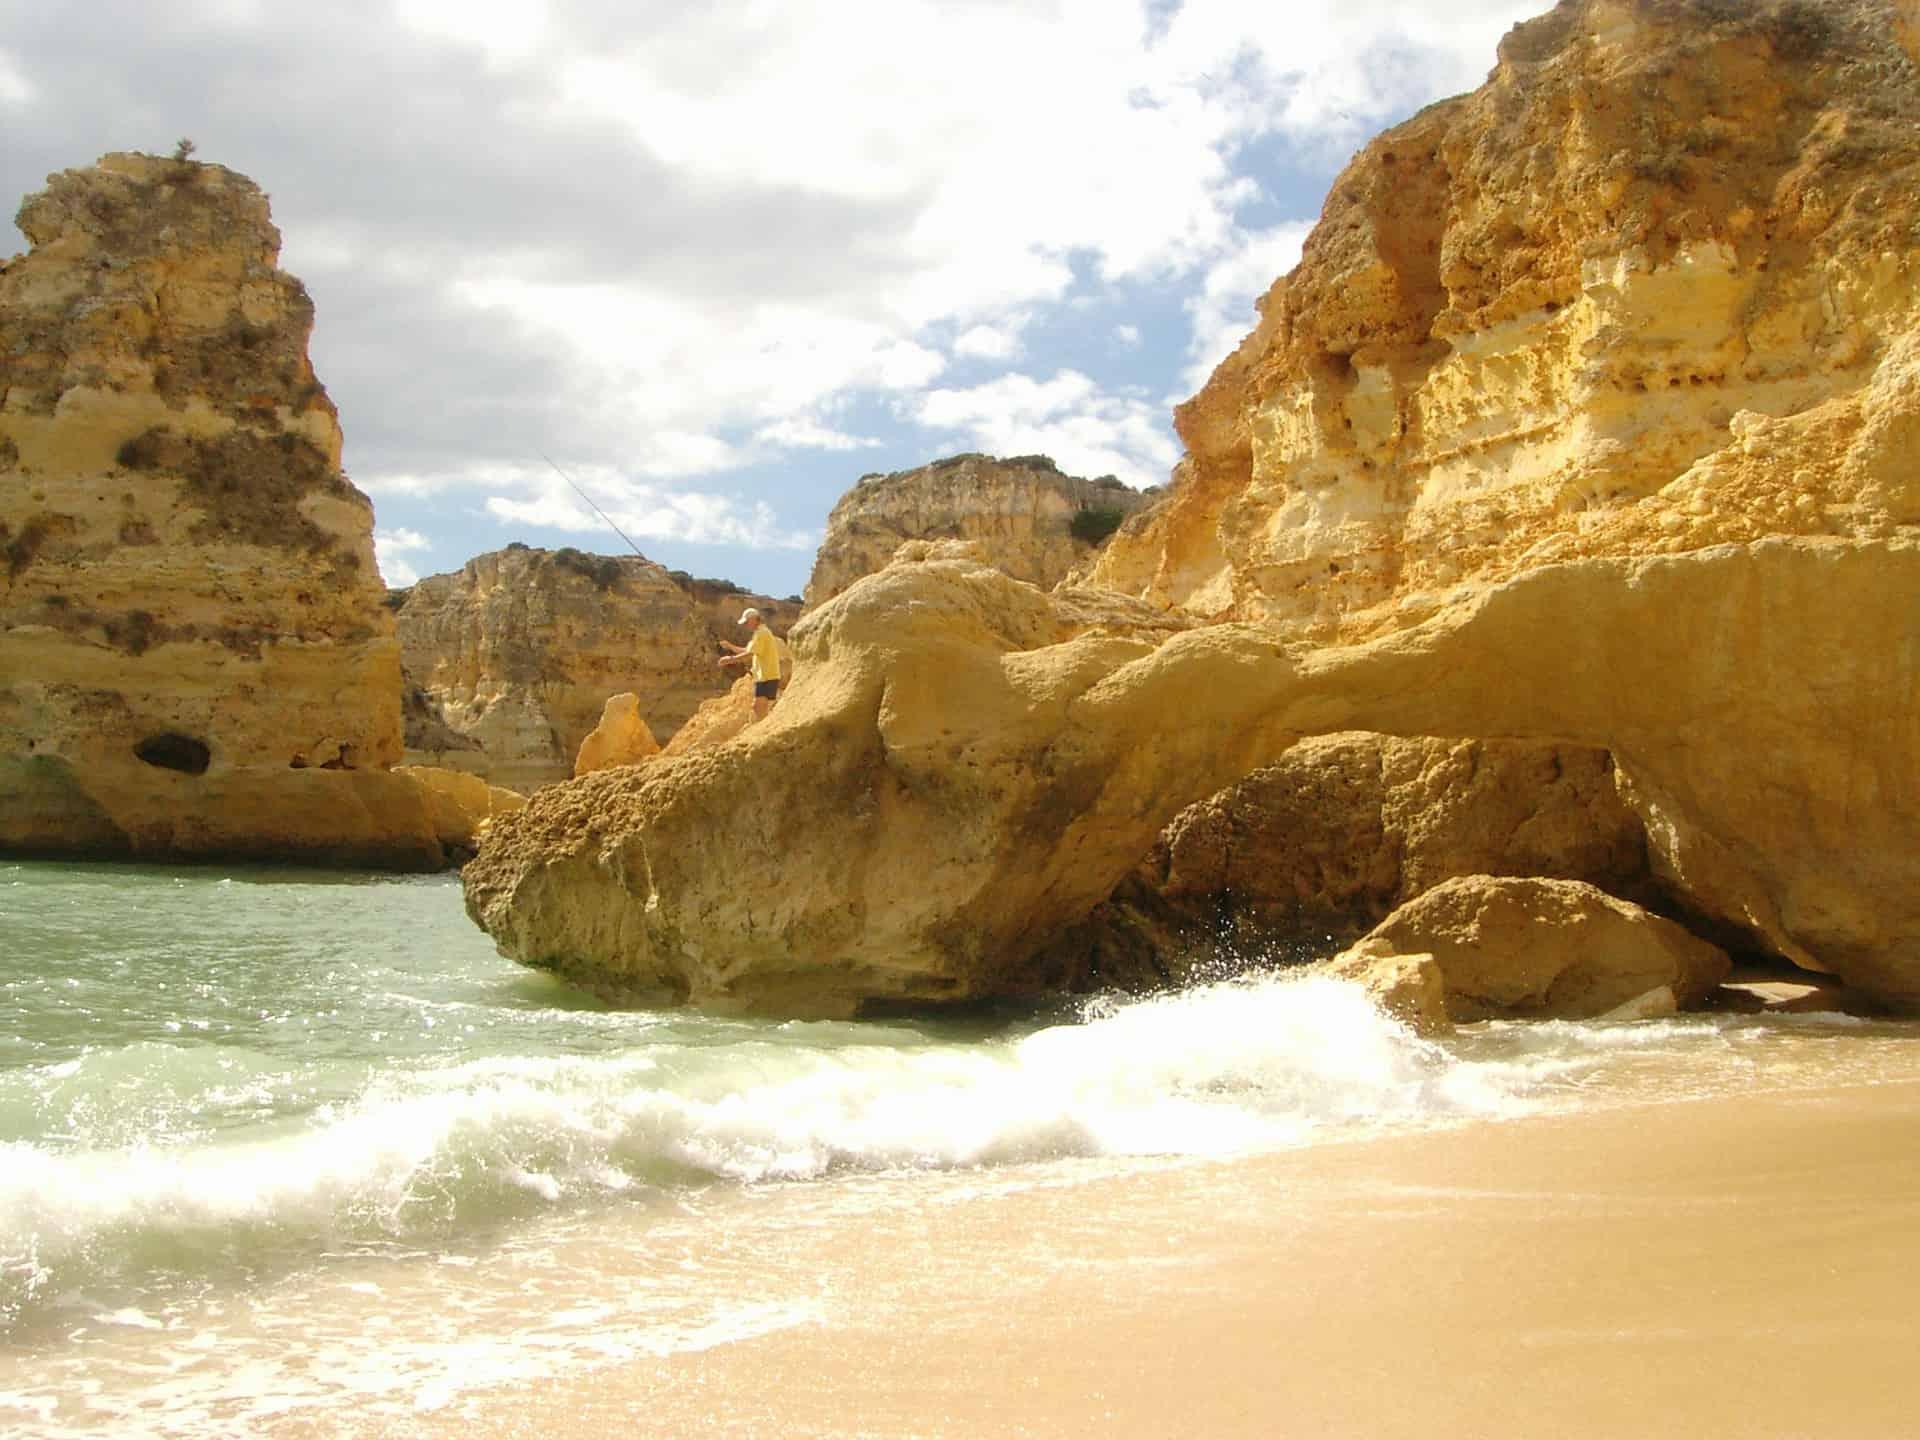 An der Algarve soll der schönste Strand Euroas sein - Portugal Urlaub